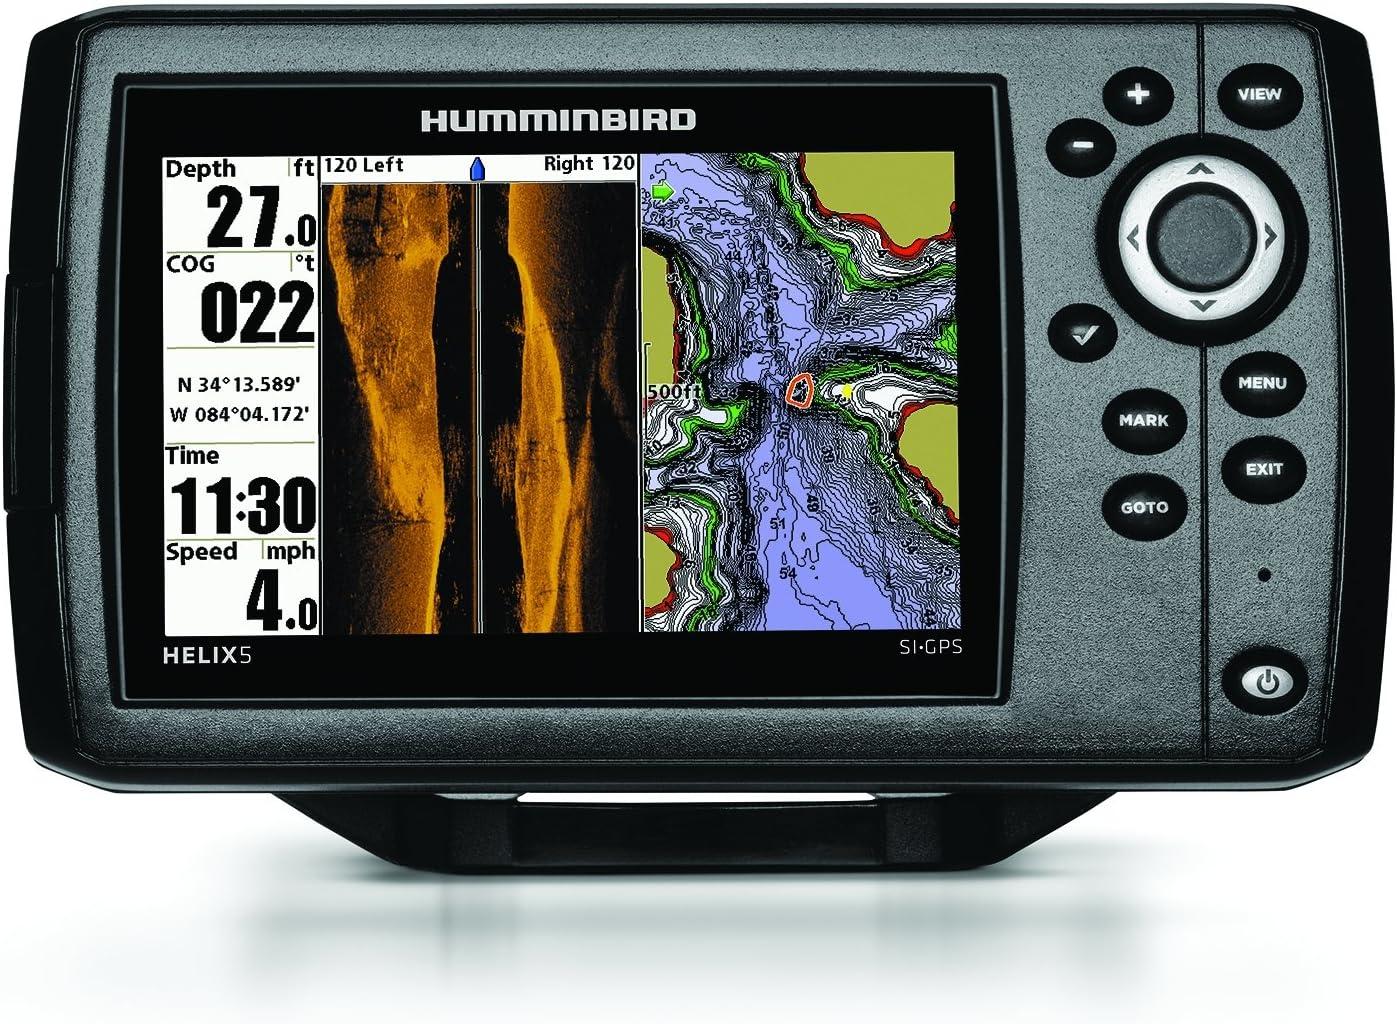 Humminbird-410230-1-Helix-5